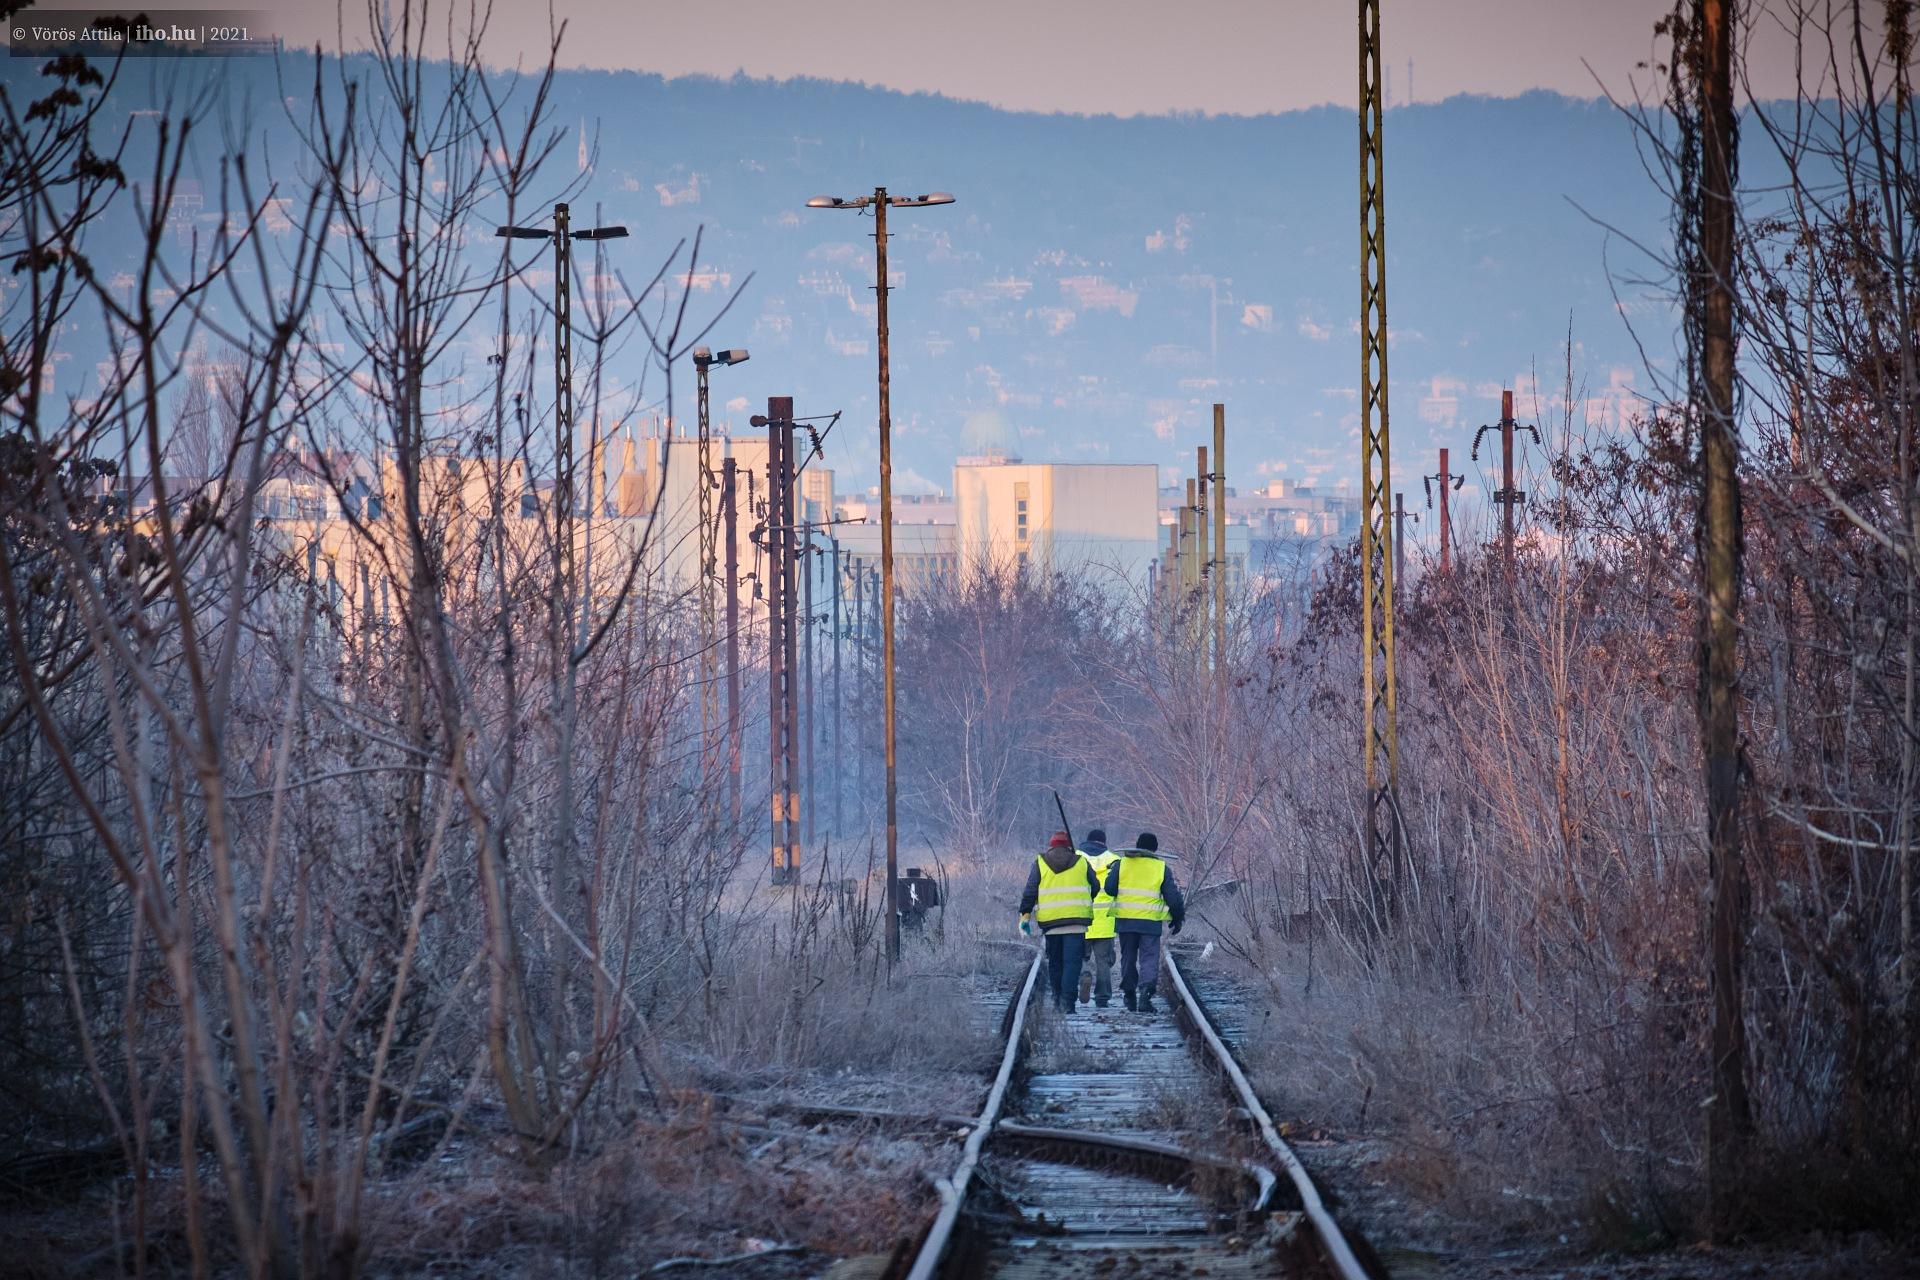 Az Északi megközelítése a romos Józsefvárosi pályaudvaron keresztül lehetséges. Külön pályamesteri felügyelettel...